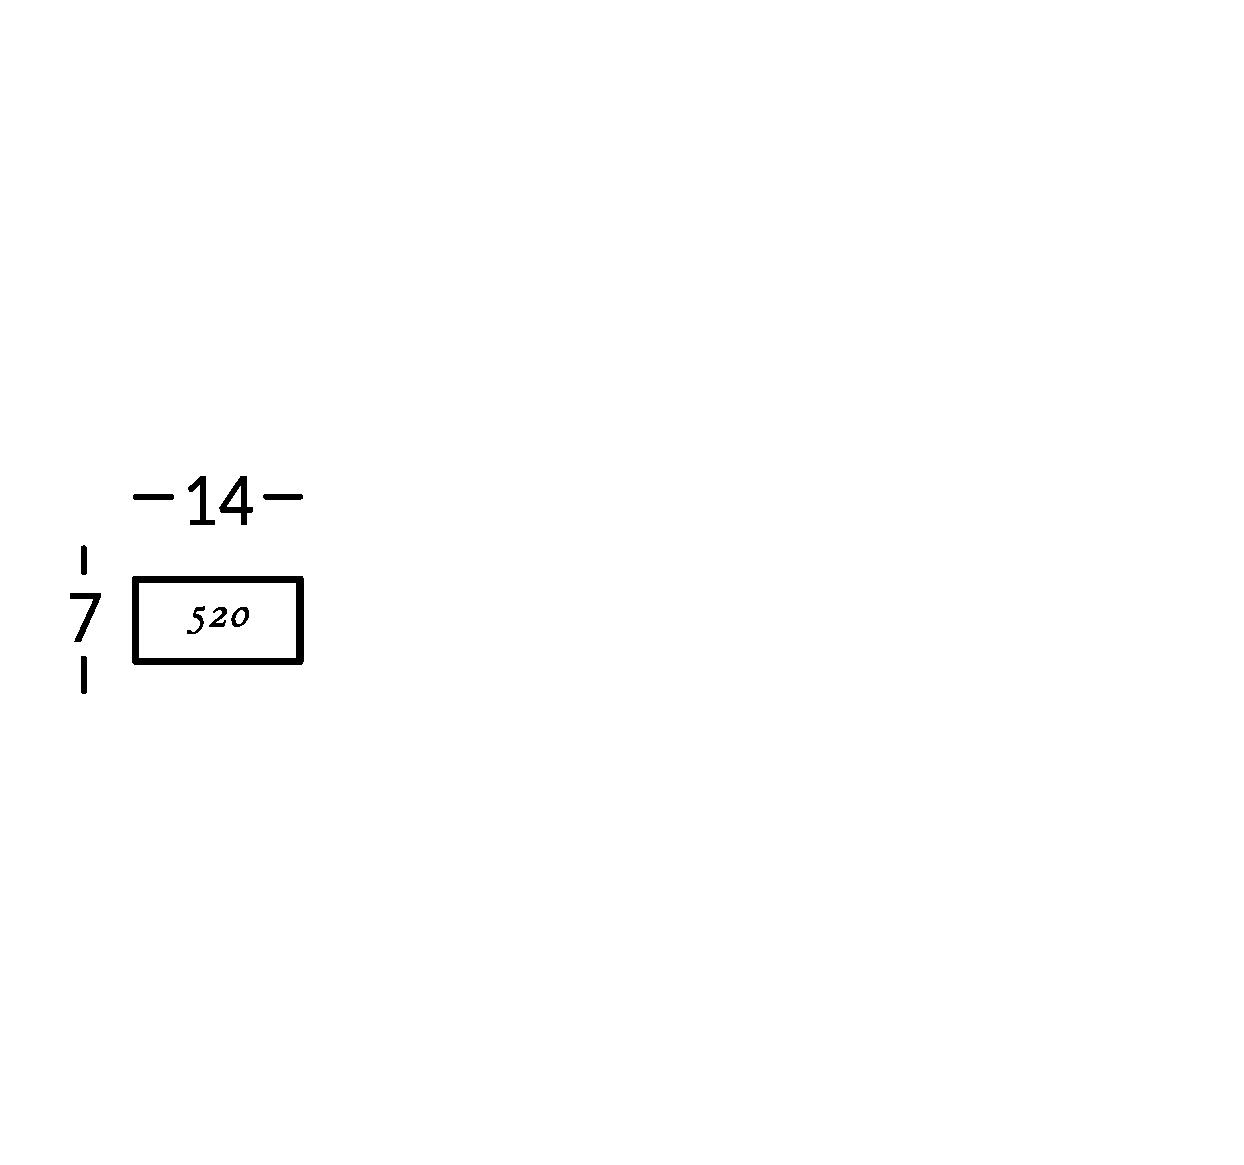 Linea di segnaletica in ottone con caratteri incisi. Su richiesta fregio decorativo, solo per numerazione camere.